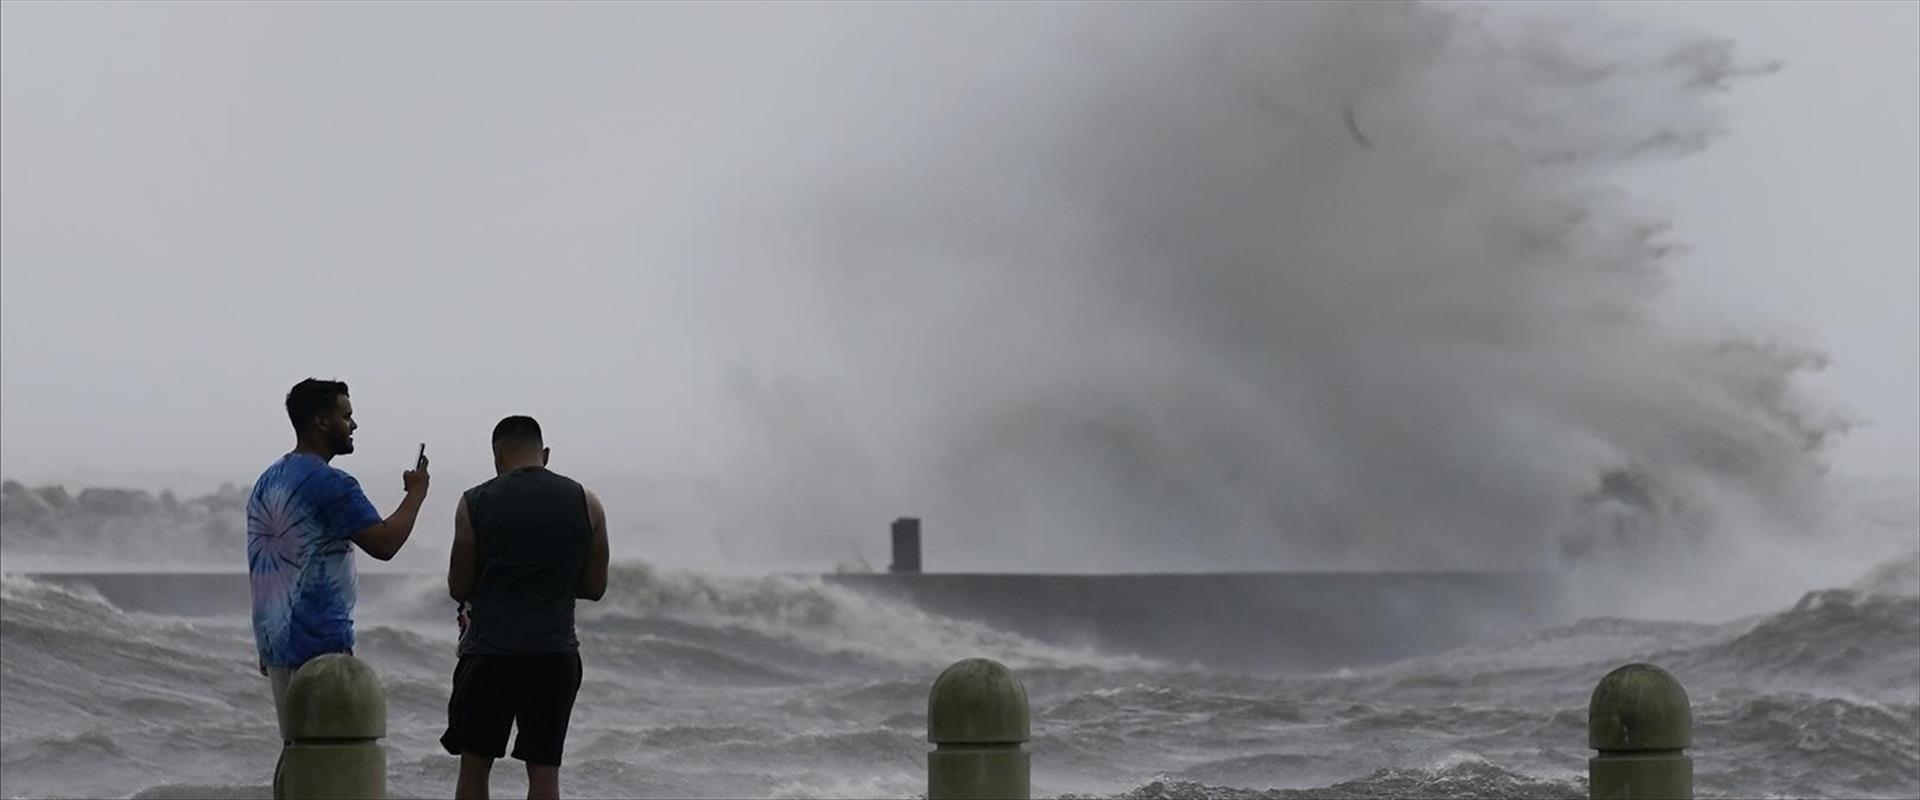 הוריקן אידה בניו אורלינס